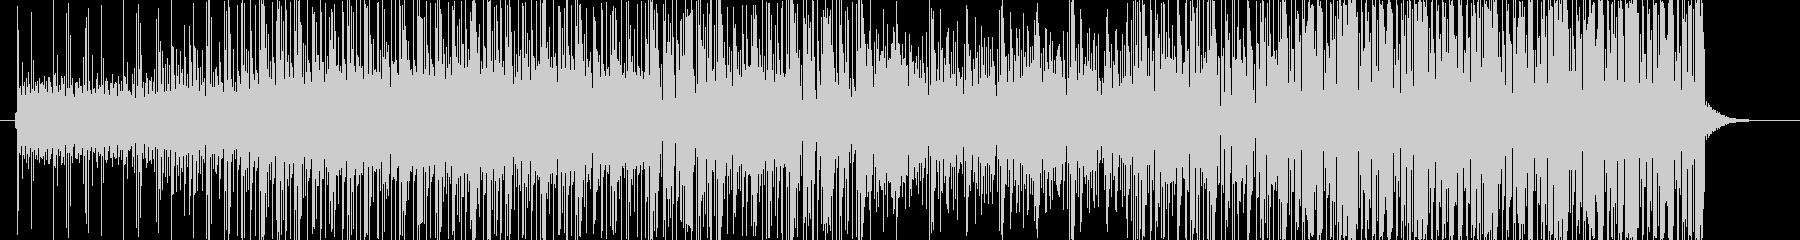 ゲームやドラマ、CMなどで使えるロック曲の未再生の波形